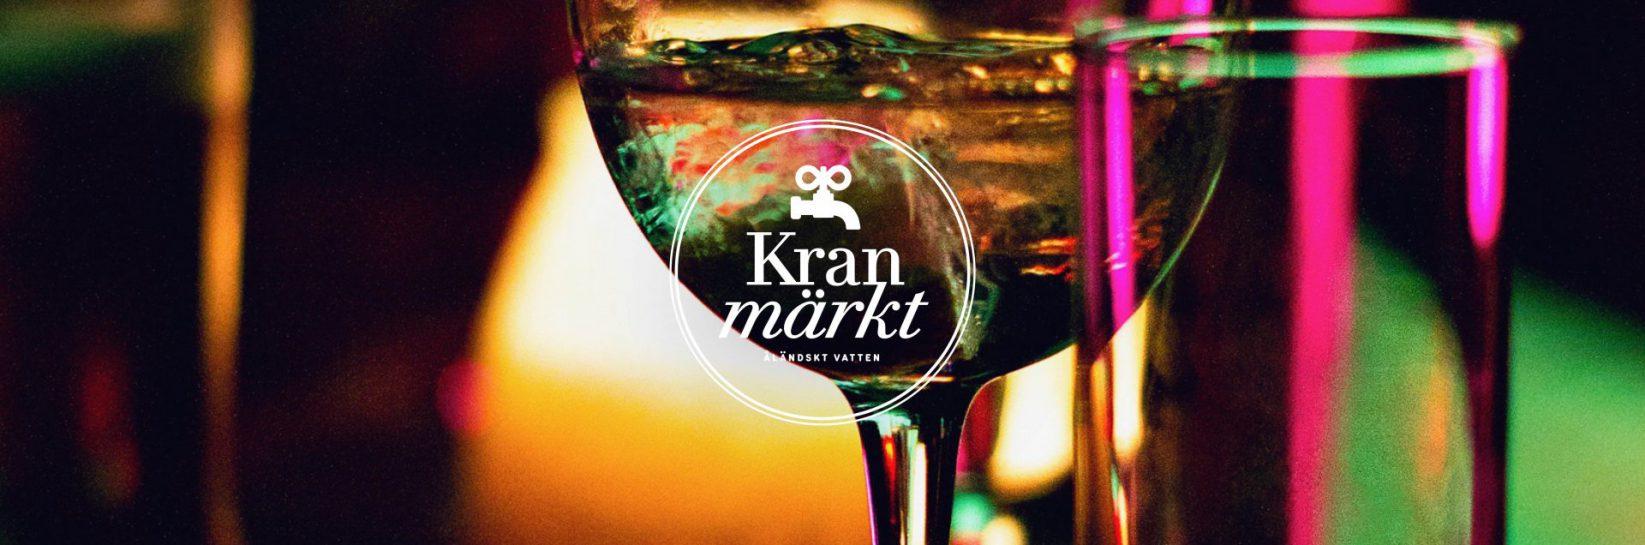 kranmarkt-slider2